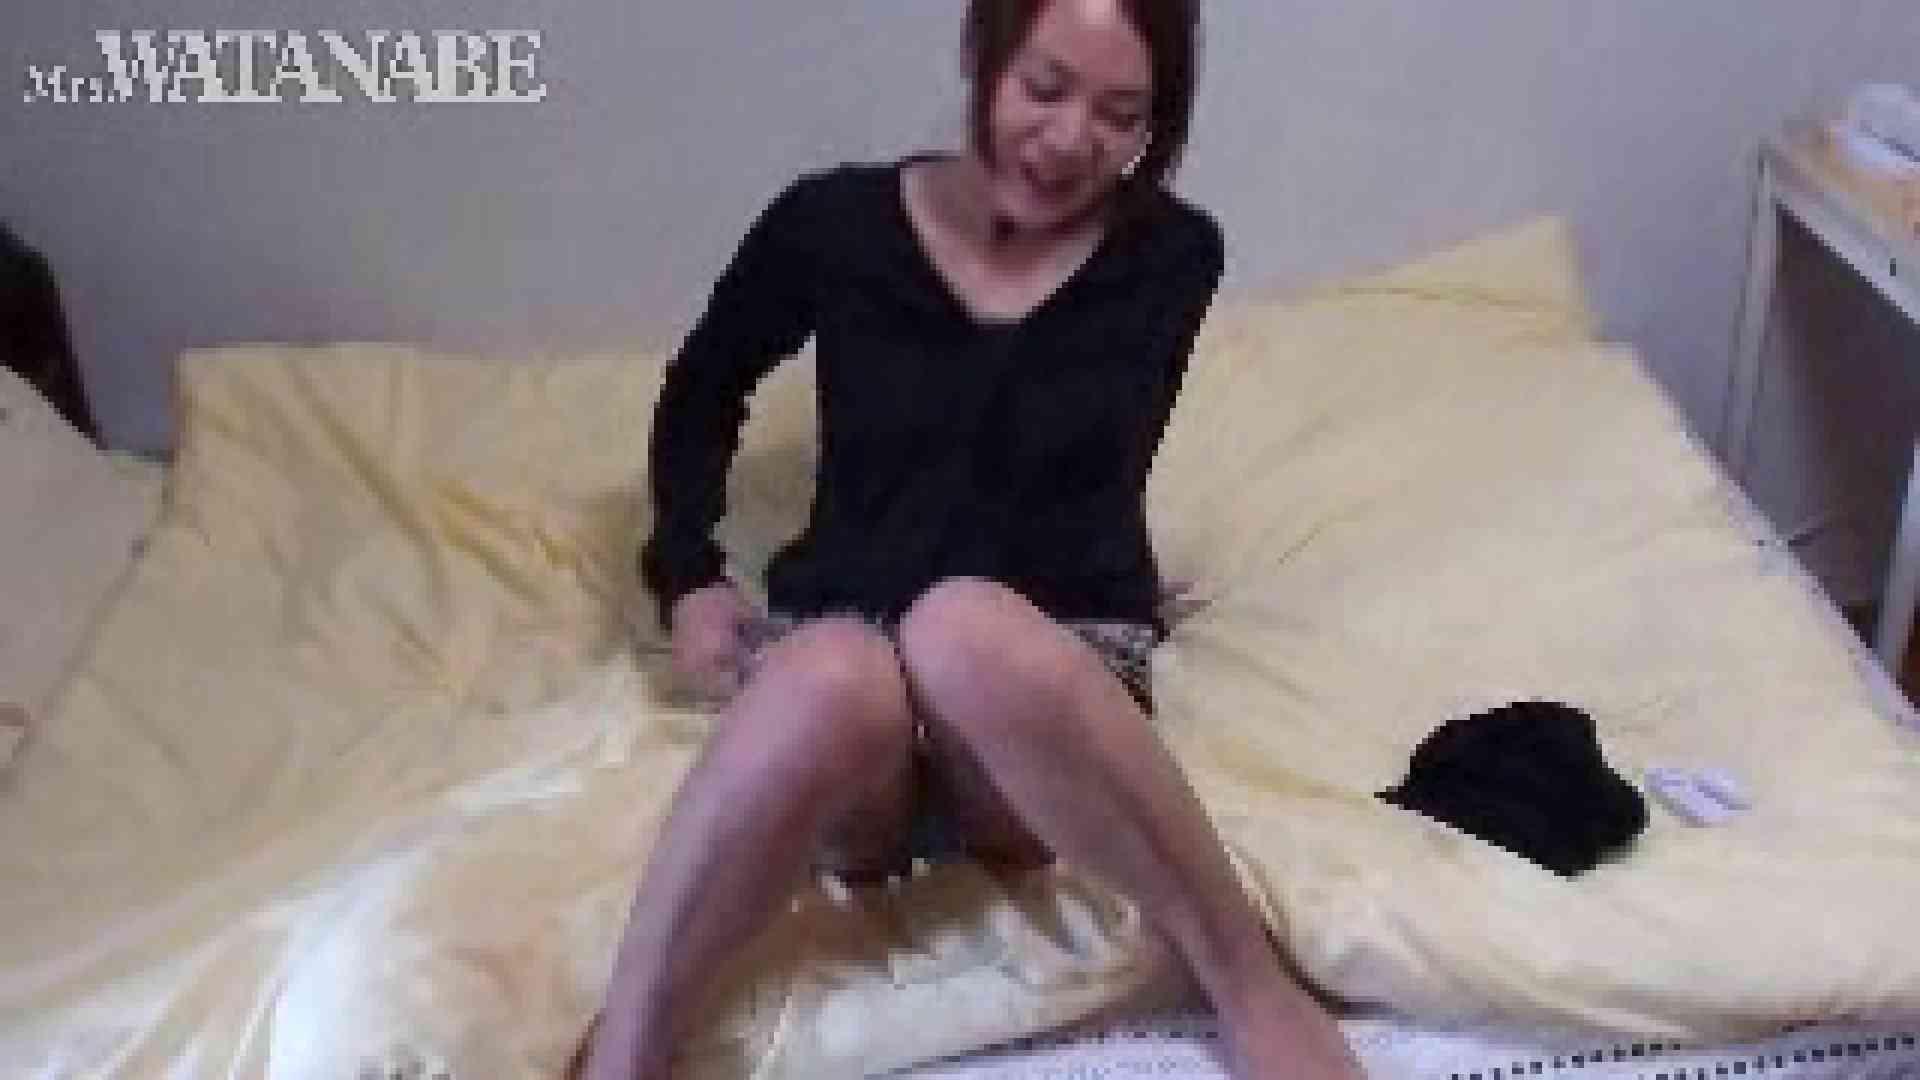 SNSで出会った人妻をハメ撮りしちゃいます 2回目 前編 投稿 | 人妻エロ映像  105pic 73